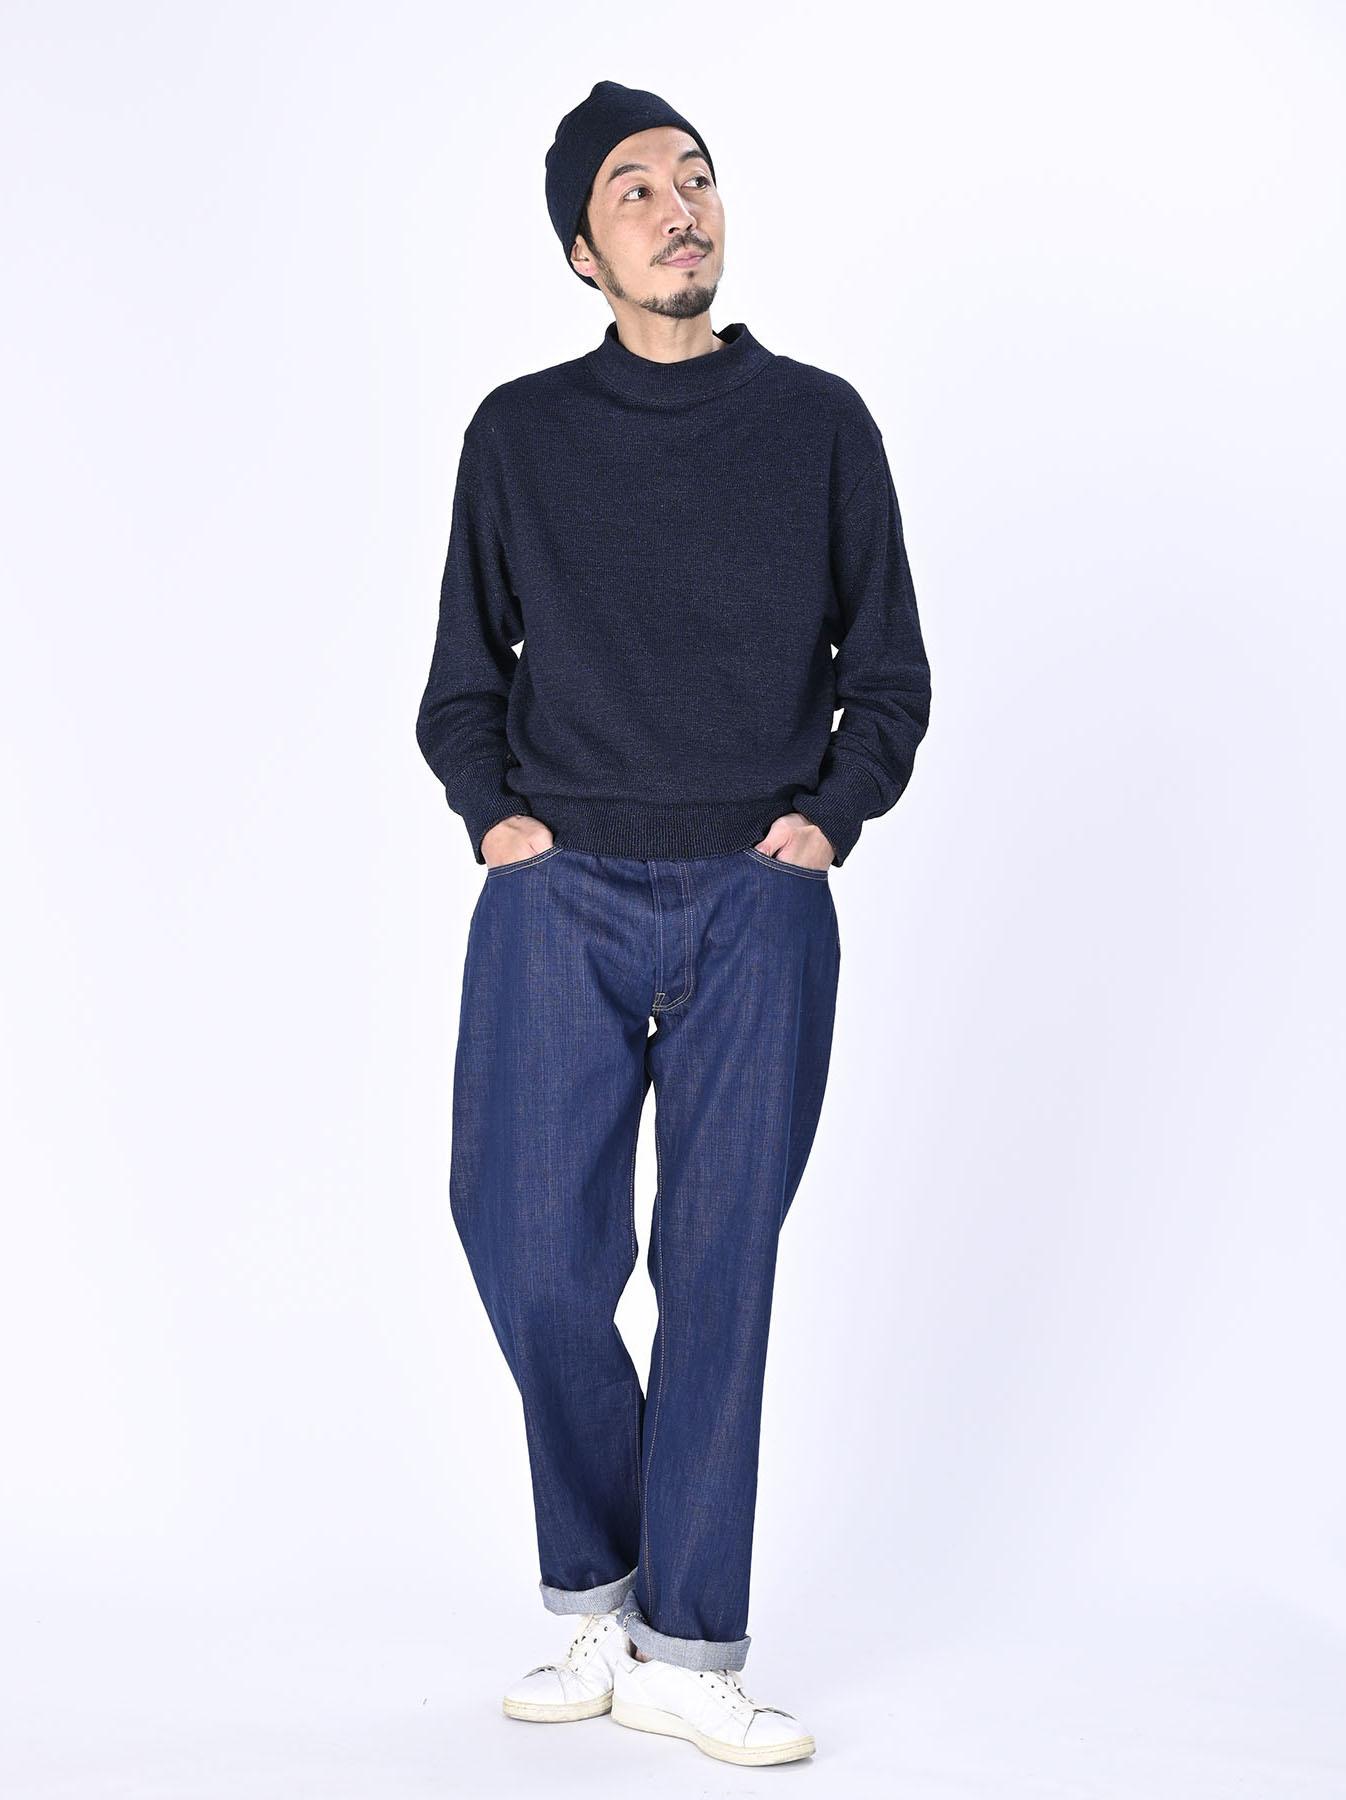 Futatabi 6.5 Sorahikohime Ai Indigo (1220)-2